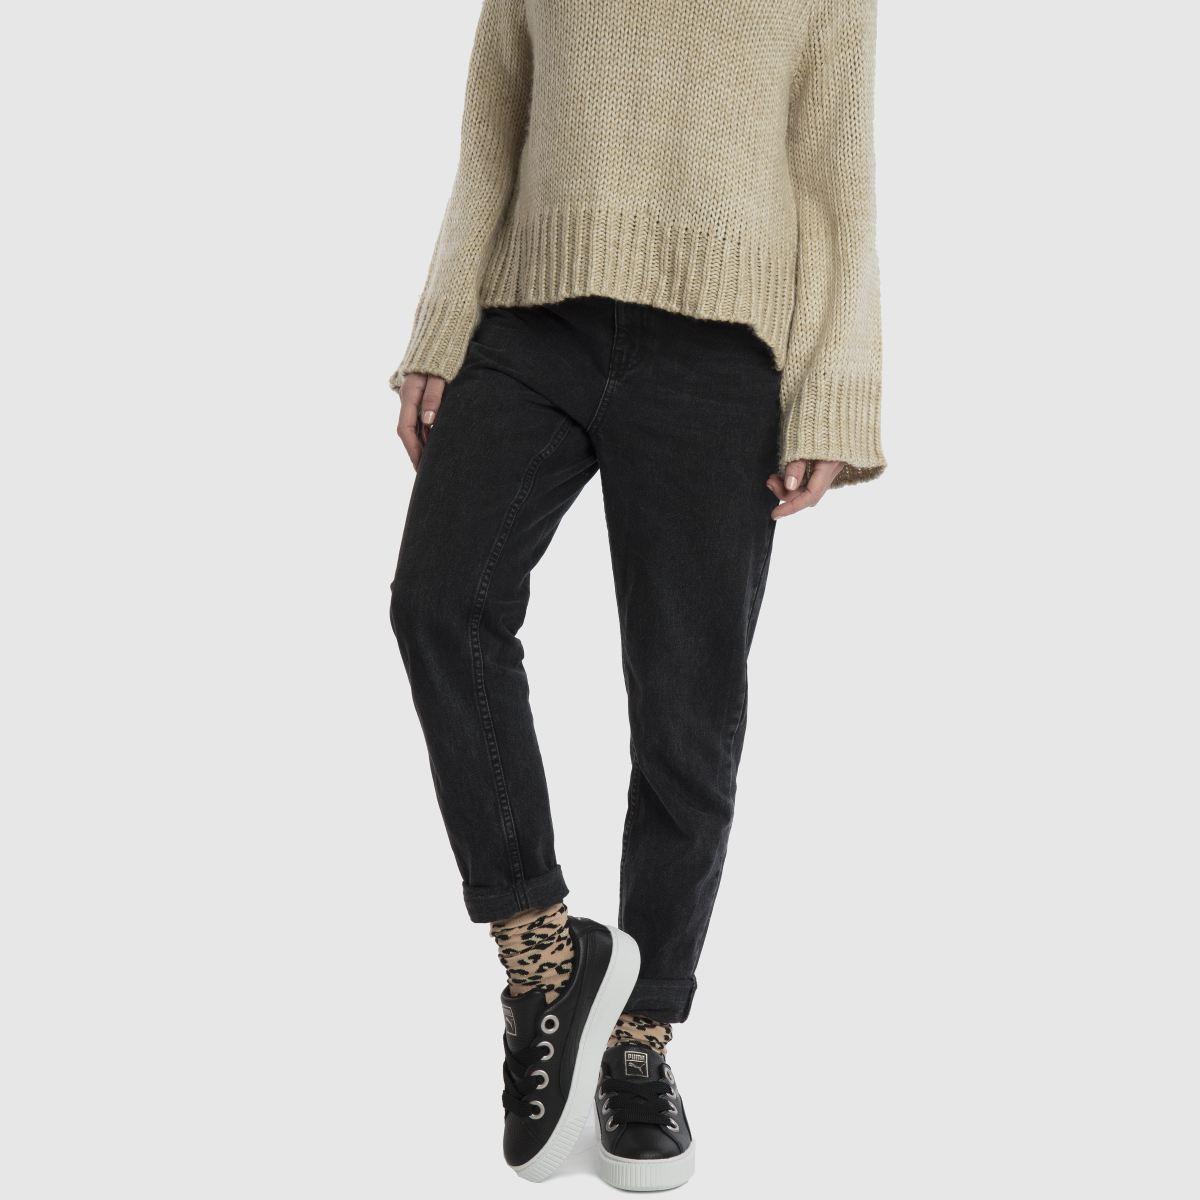 Damen Leather Schwarz puma Platform Kiss Leather Damen Sneaker | schuh Gute Qualität beliebte Schuhe e004e2